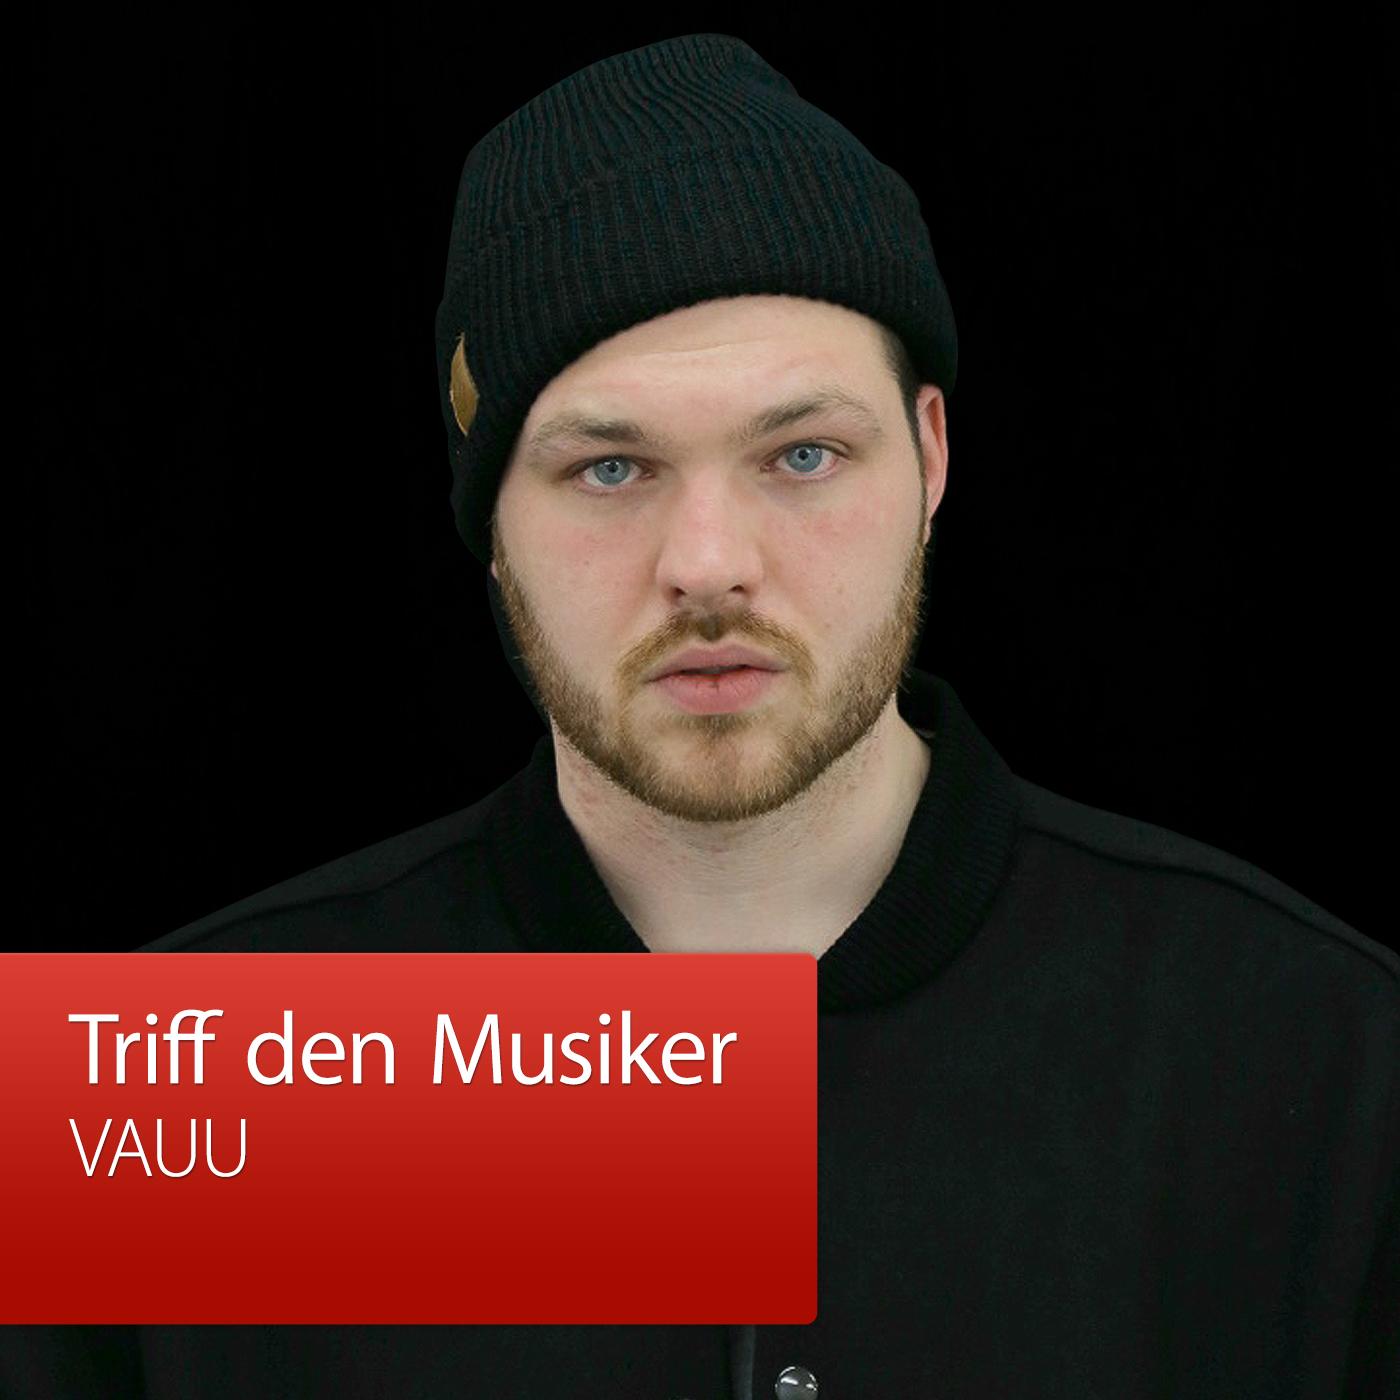 VAUU: Triff den Musiker